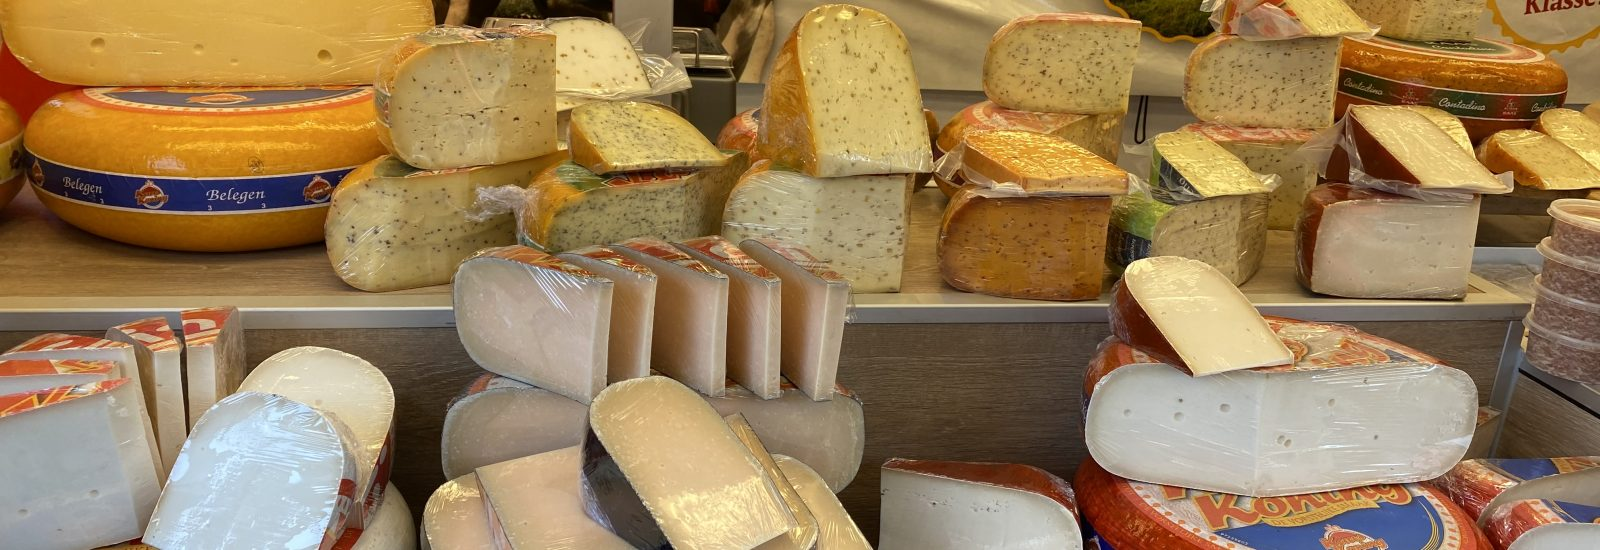 Altijd de beste oud Snijdbare kaas voor bij de borrel of op brood